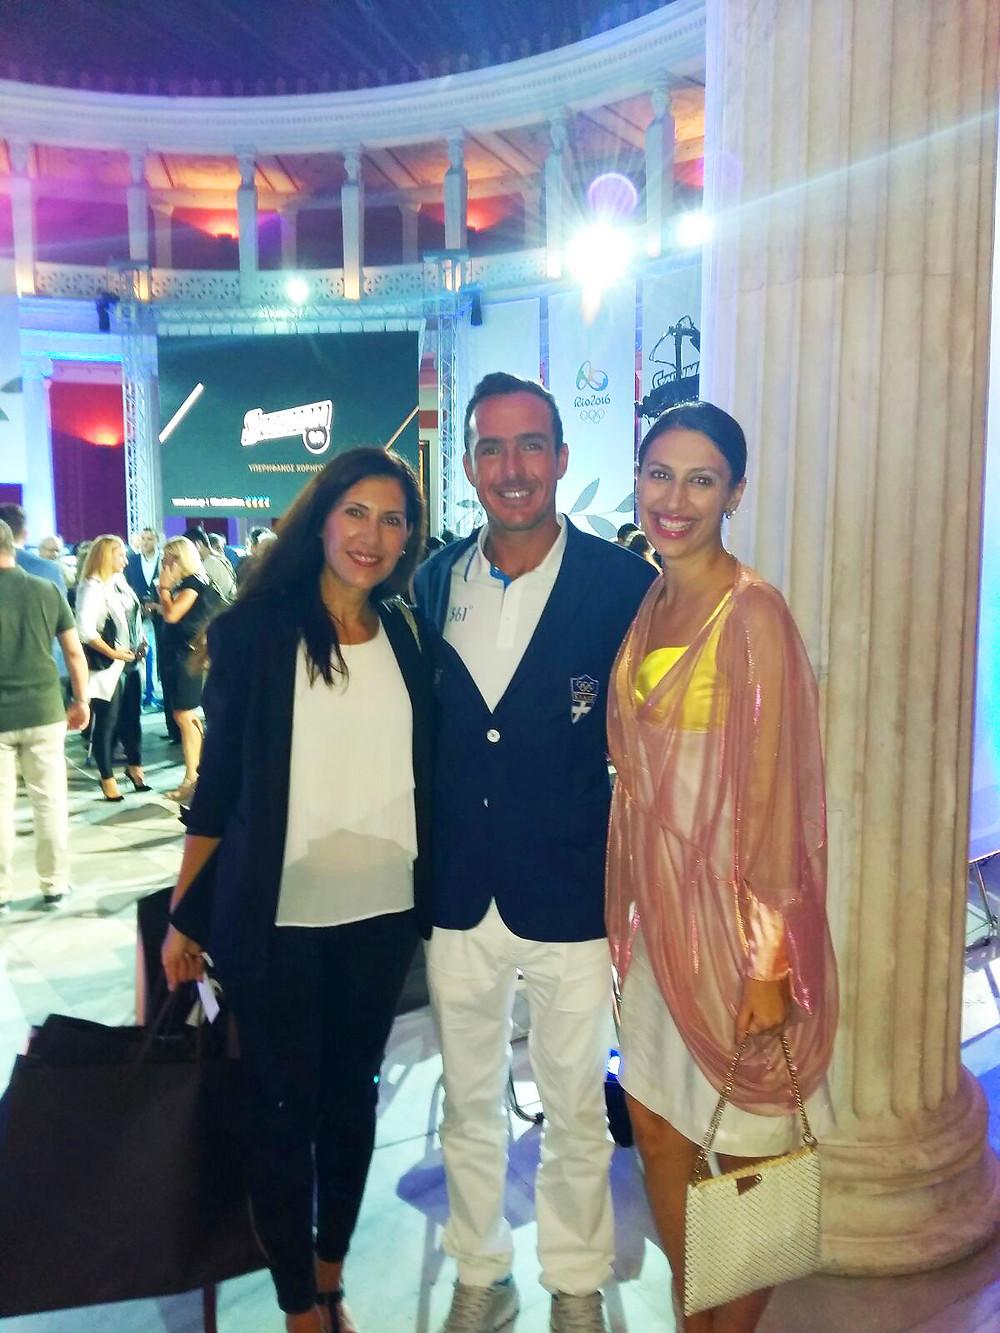 Eletheria Gkoufa of The Benaki Museum, Sailing Olympian Panagiotis Mantis and Eleni Kyriacou